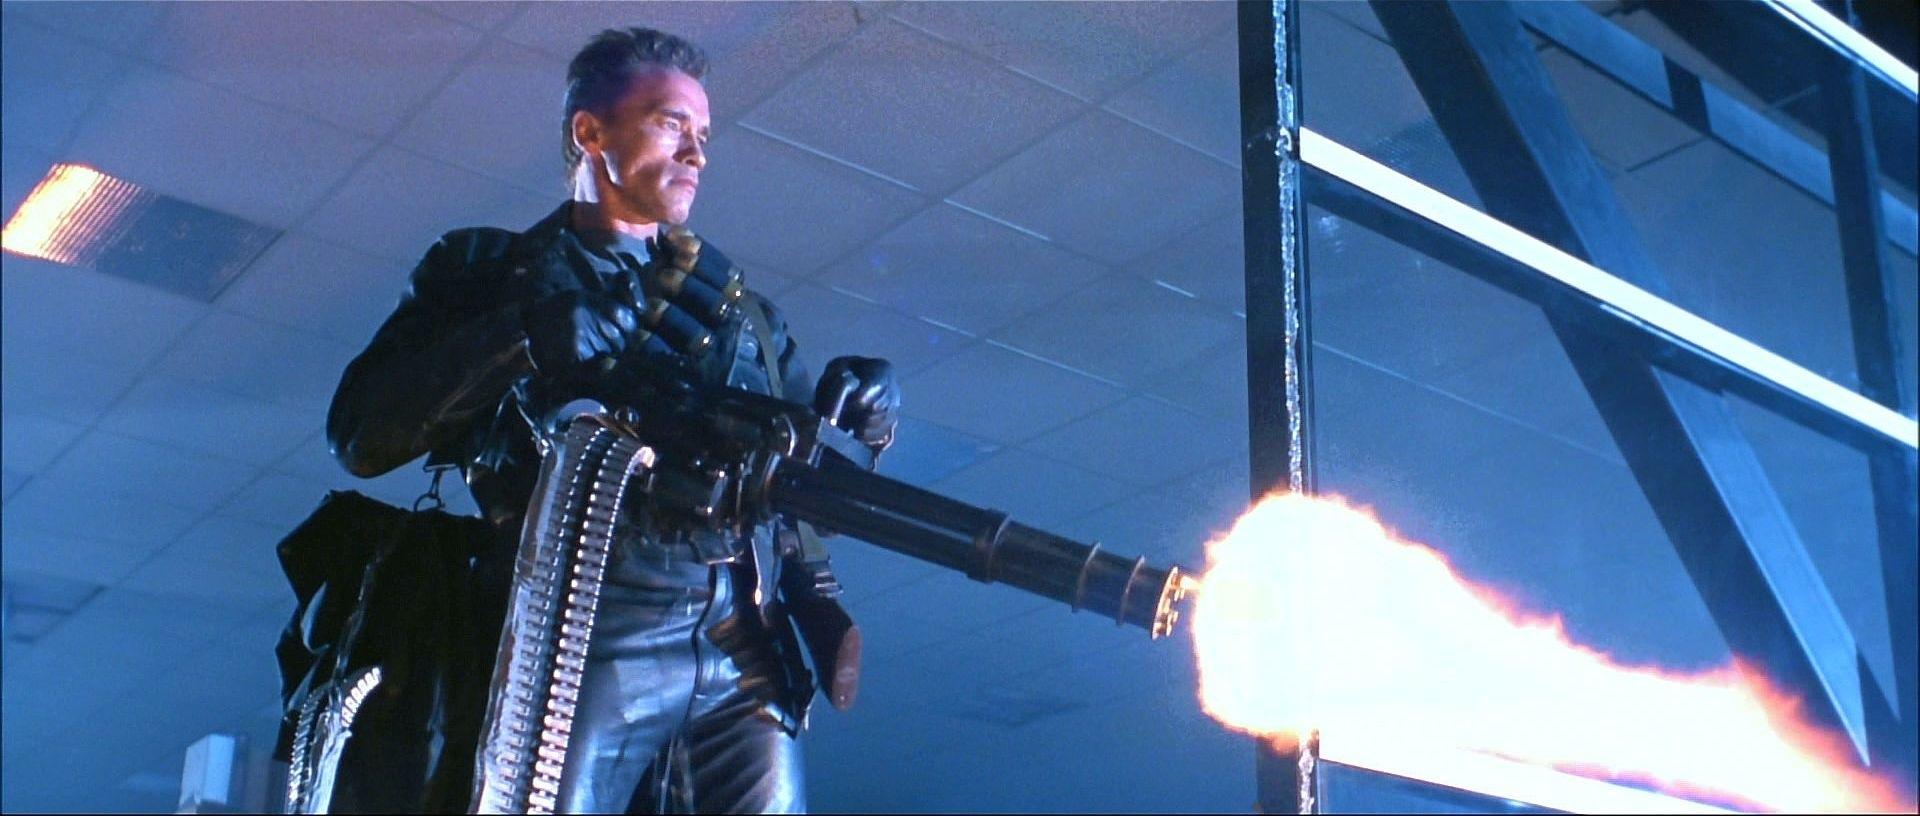 Jepp, det där är Arnie med en helikopterkulspruta. Foto: TriStar Pictures.